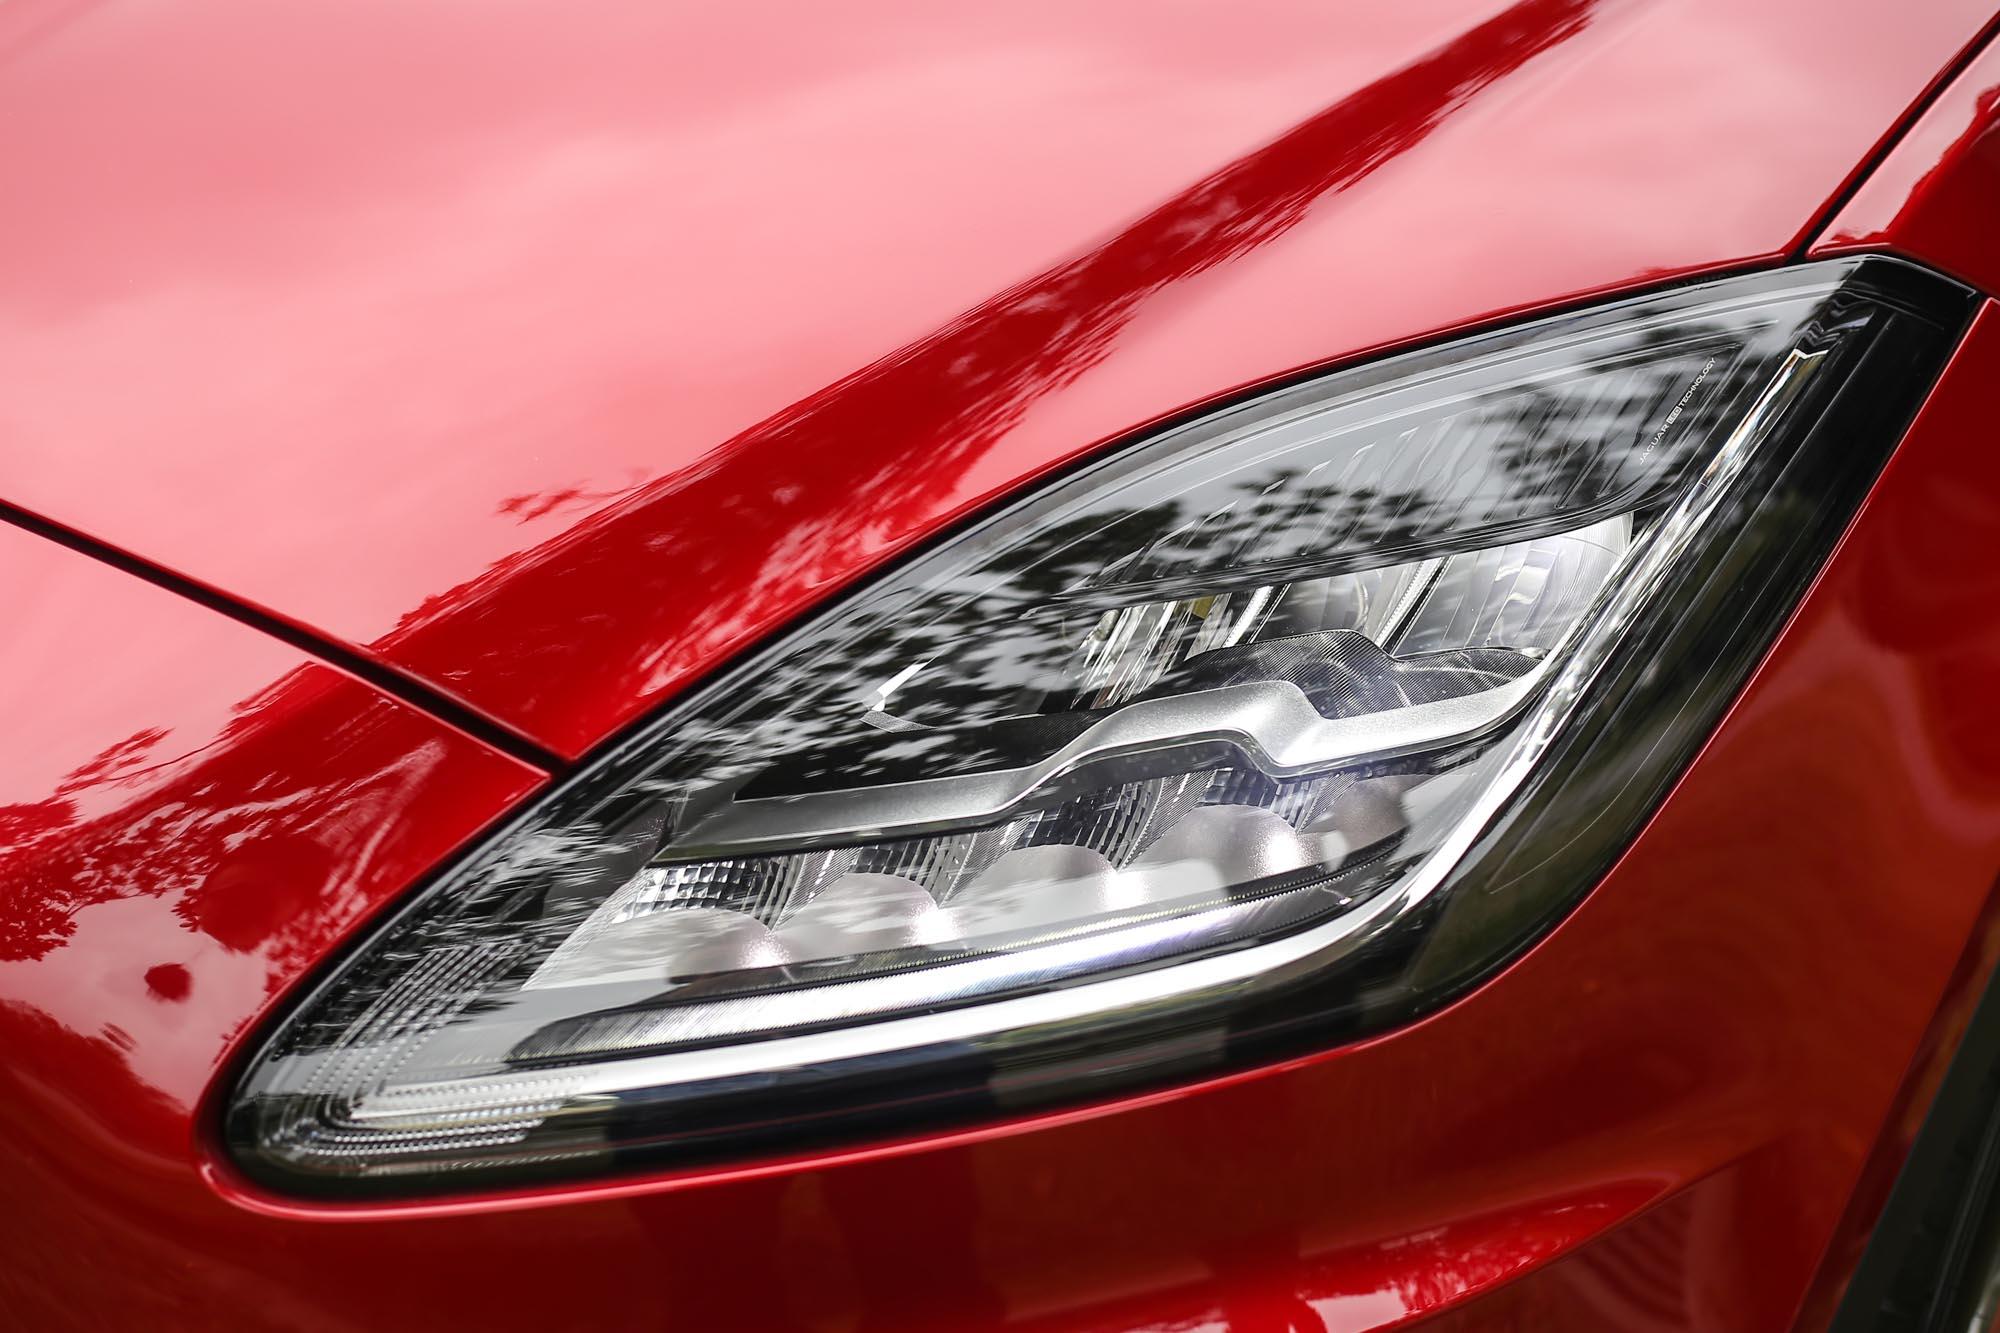 全車系標配LED頭燈。